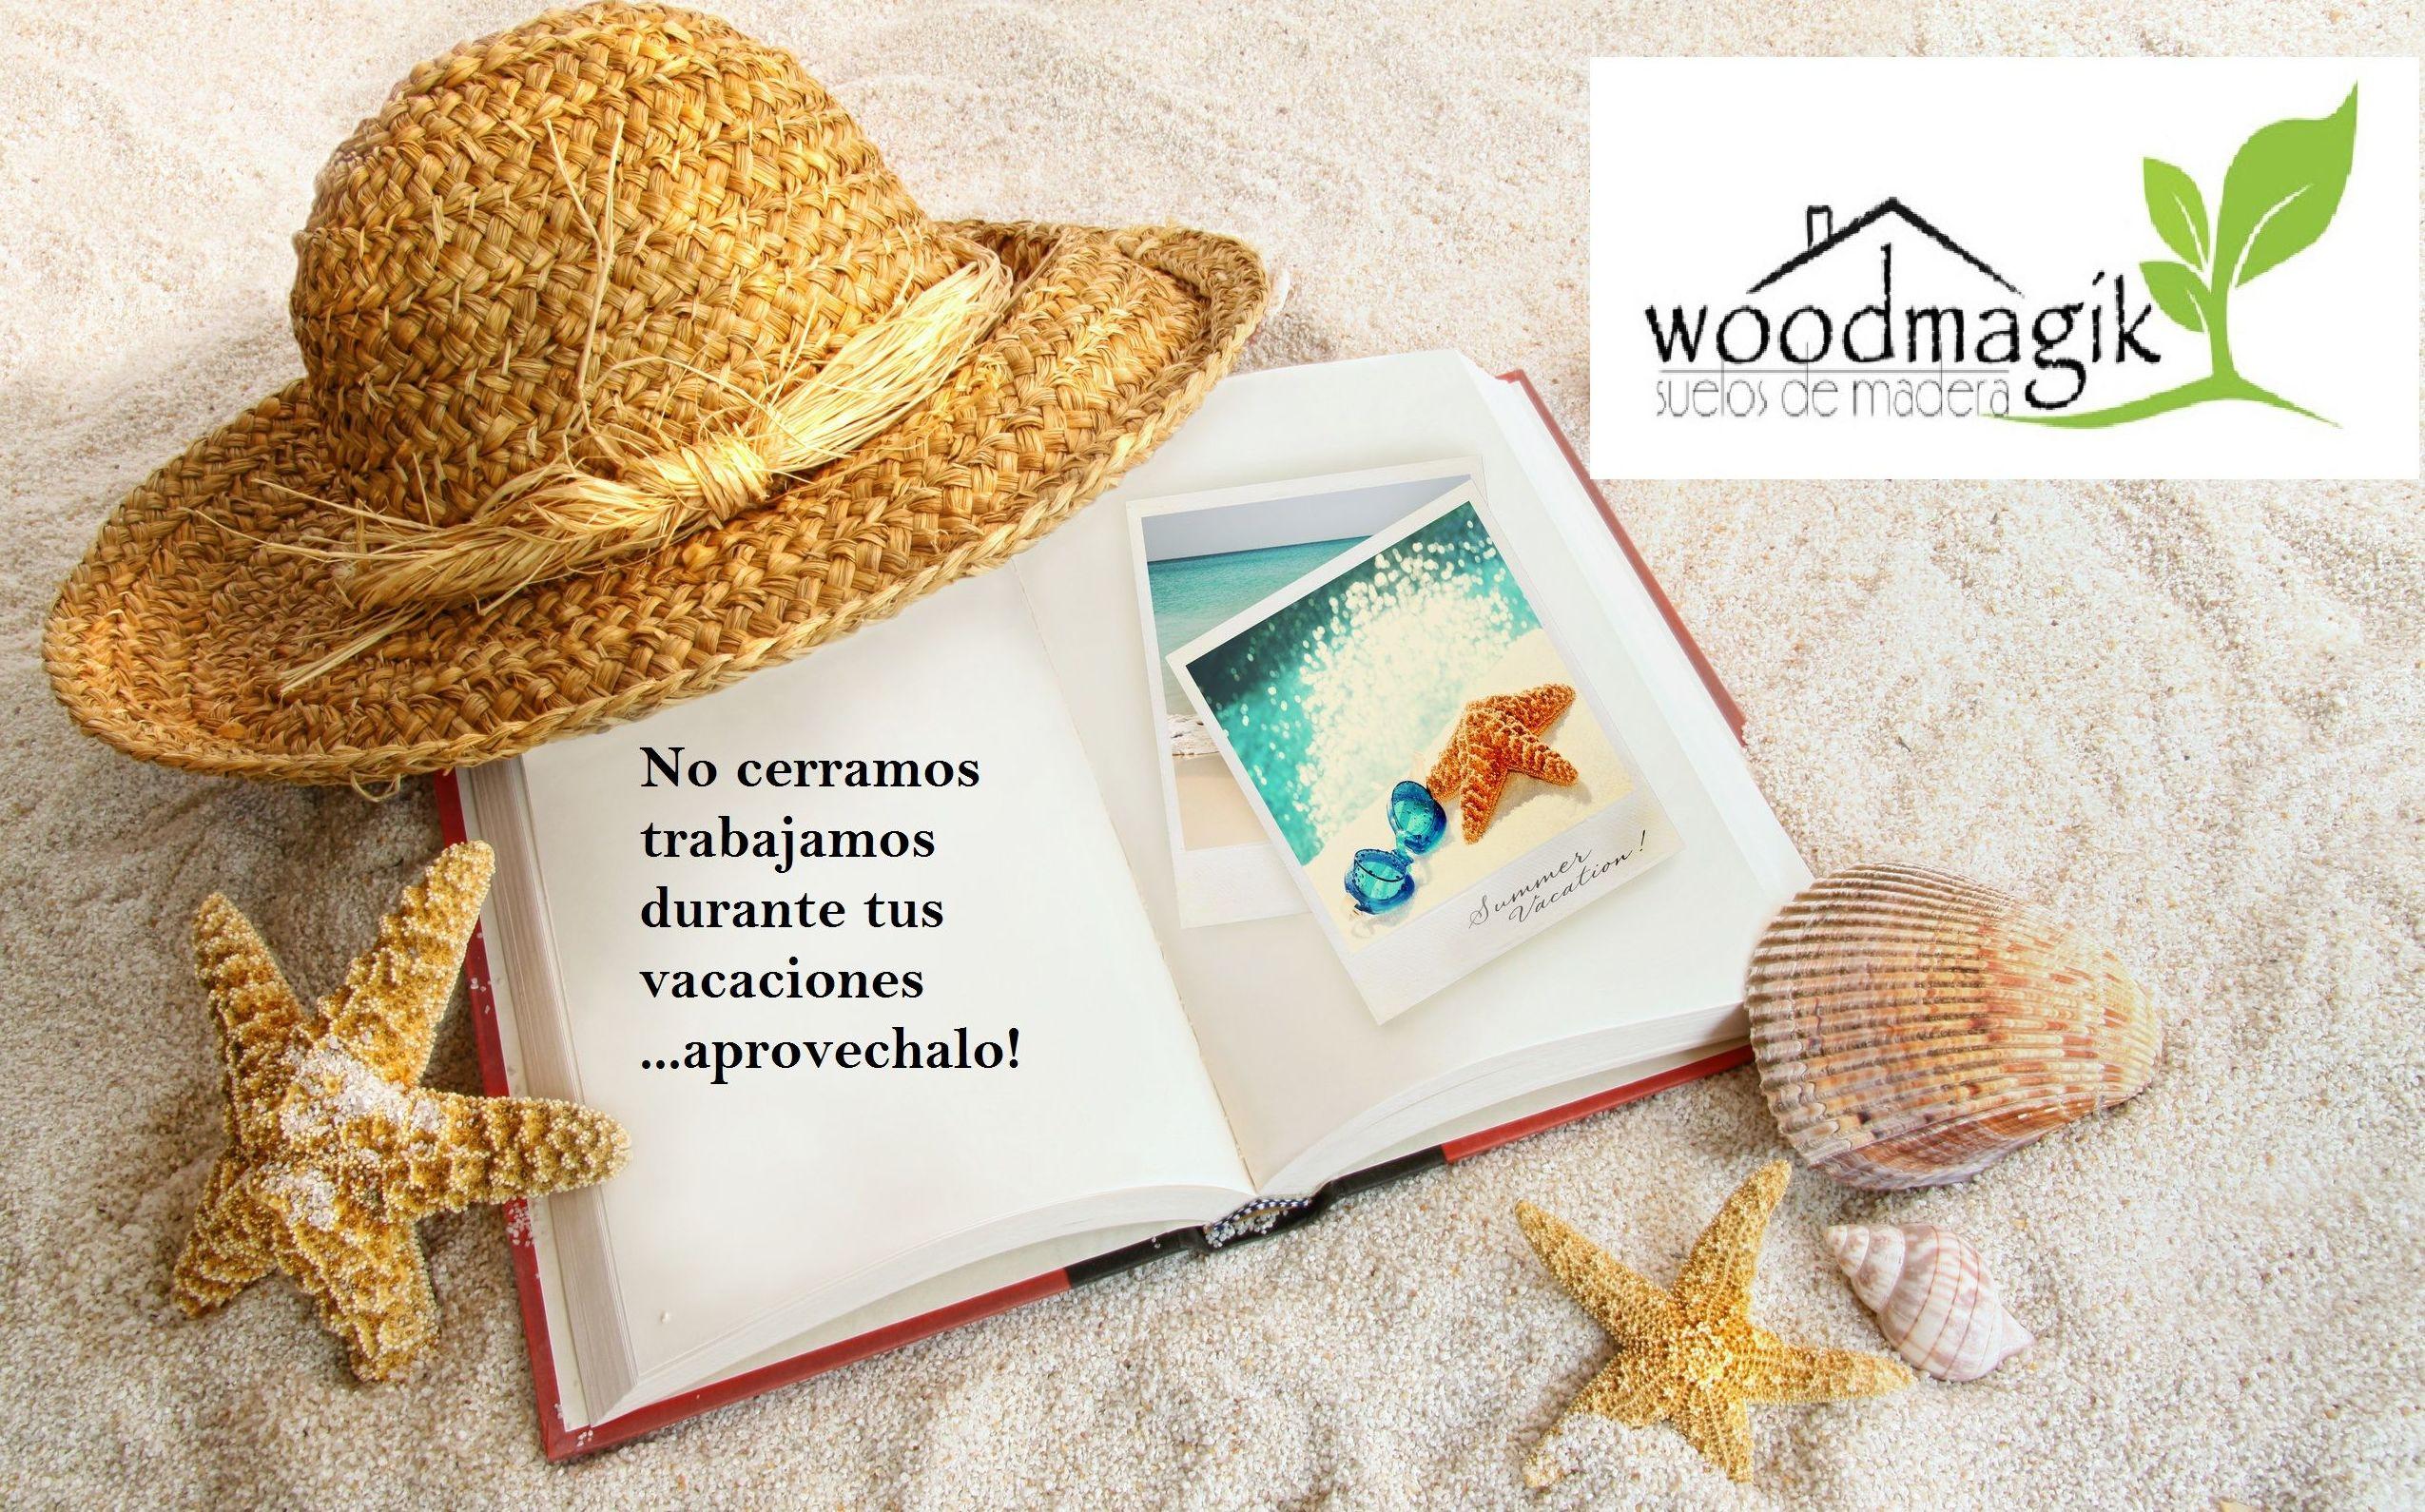 Woodmagik no cierra por vacaciones